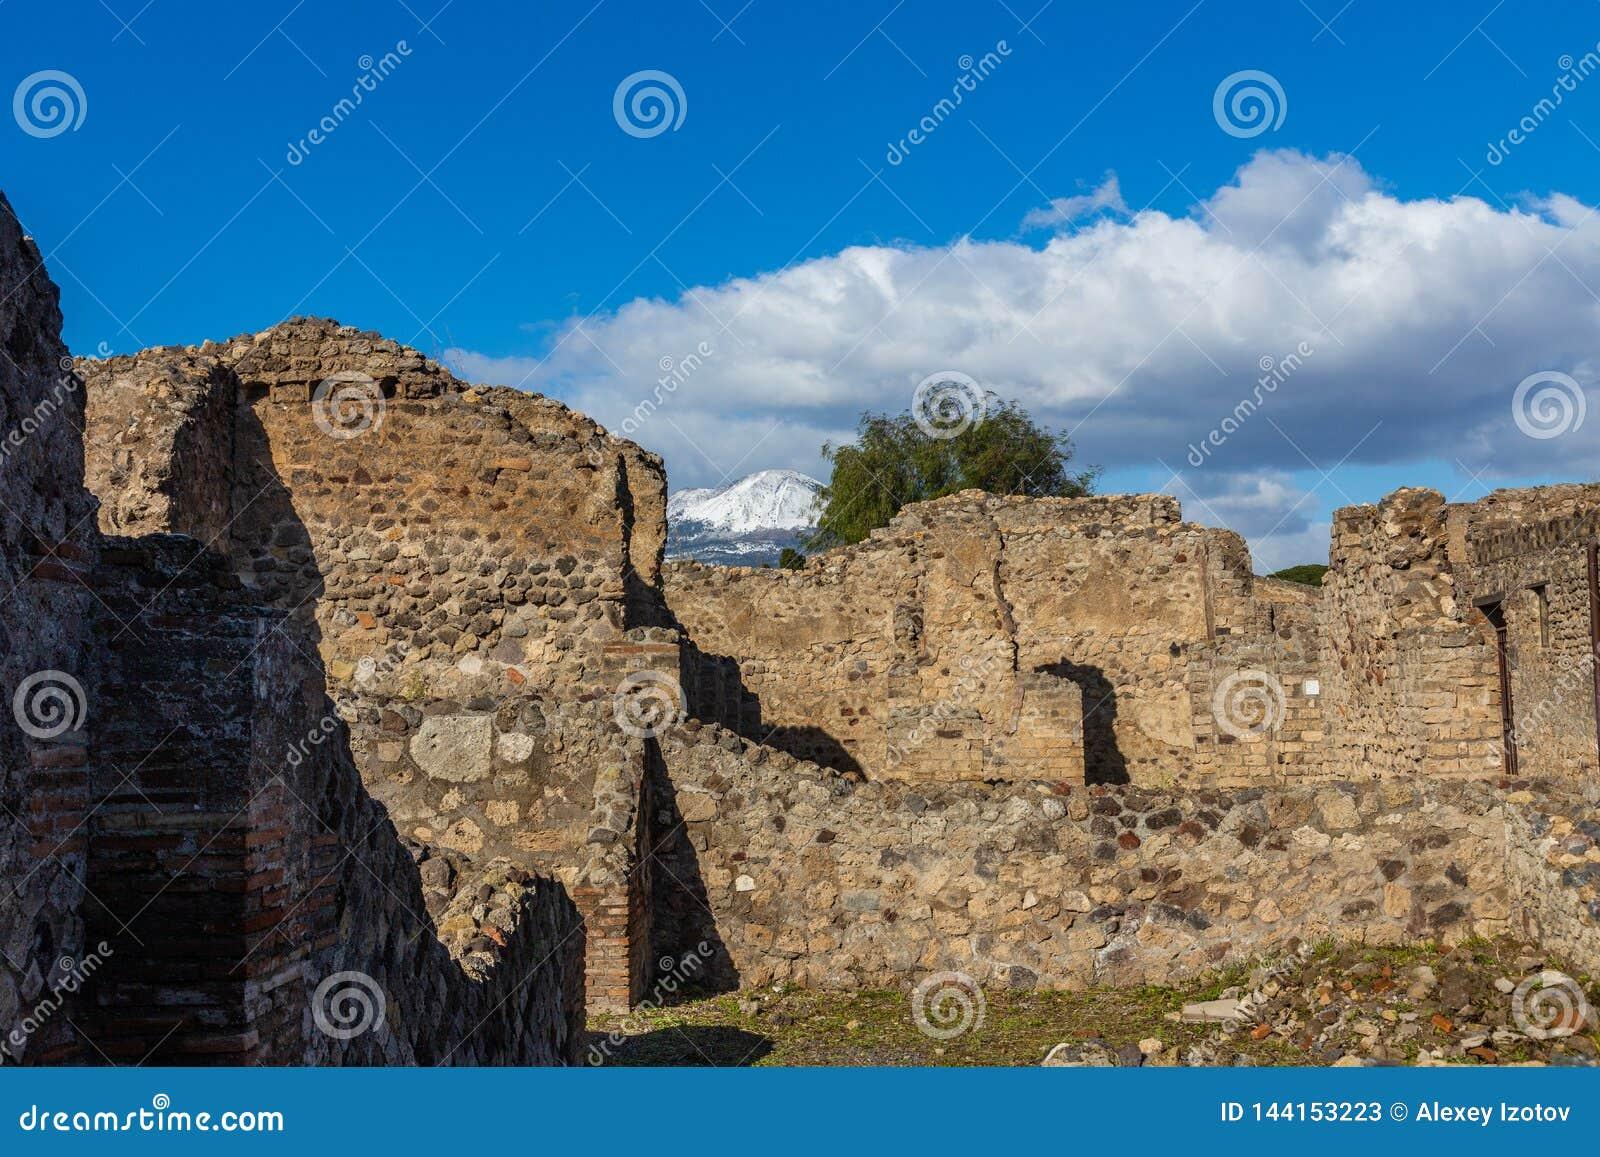 Fascynująca podróż przez ruin antyczny miasto Pompeii, Włochy